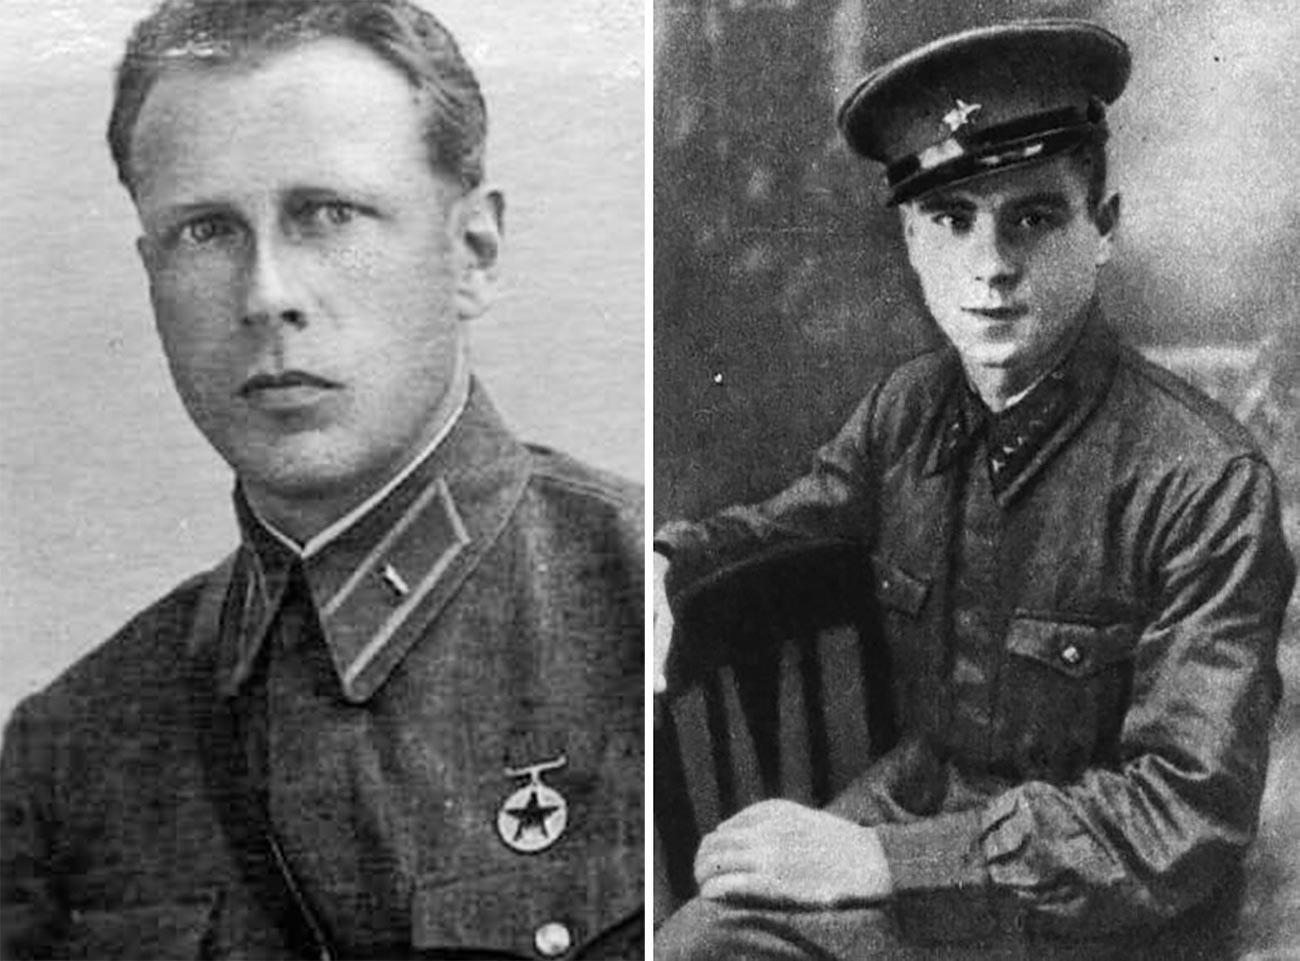 Branitelja Brestske trdnjave: levo Aleksander Emiljevič Duljkejt, desno Vjačeslav Eduardovič Mejer